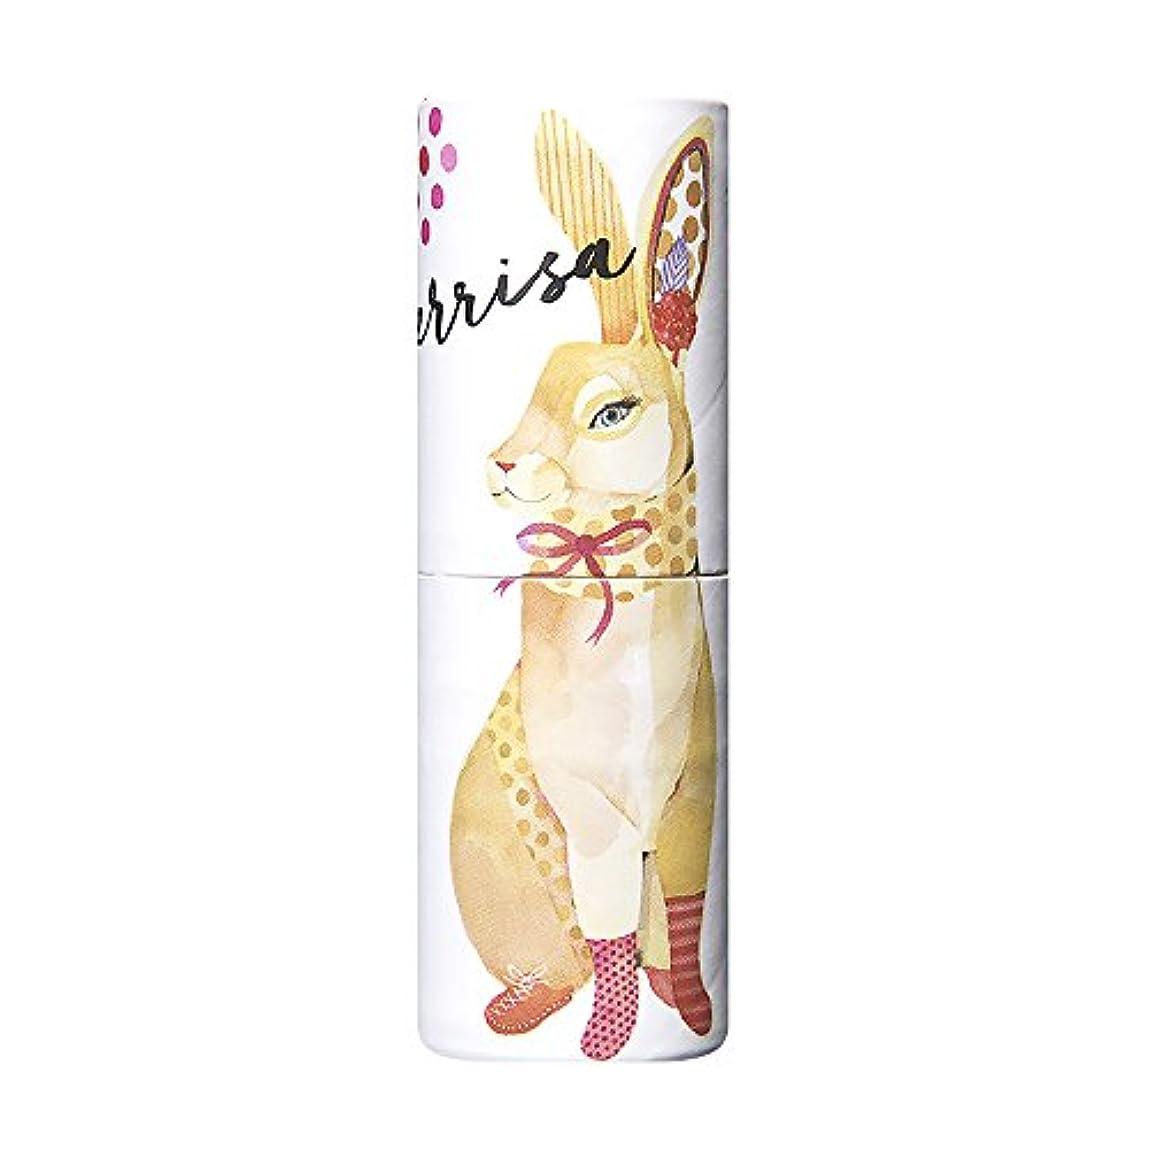 サスティーンバレル非アクティブヴァシリーサ  パフュームスティック メリッサ ウサギ  練香水 5g